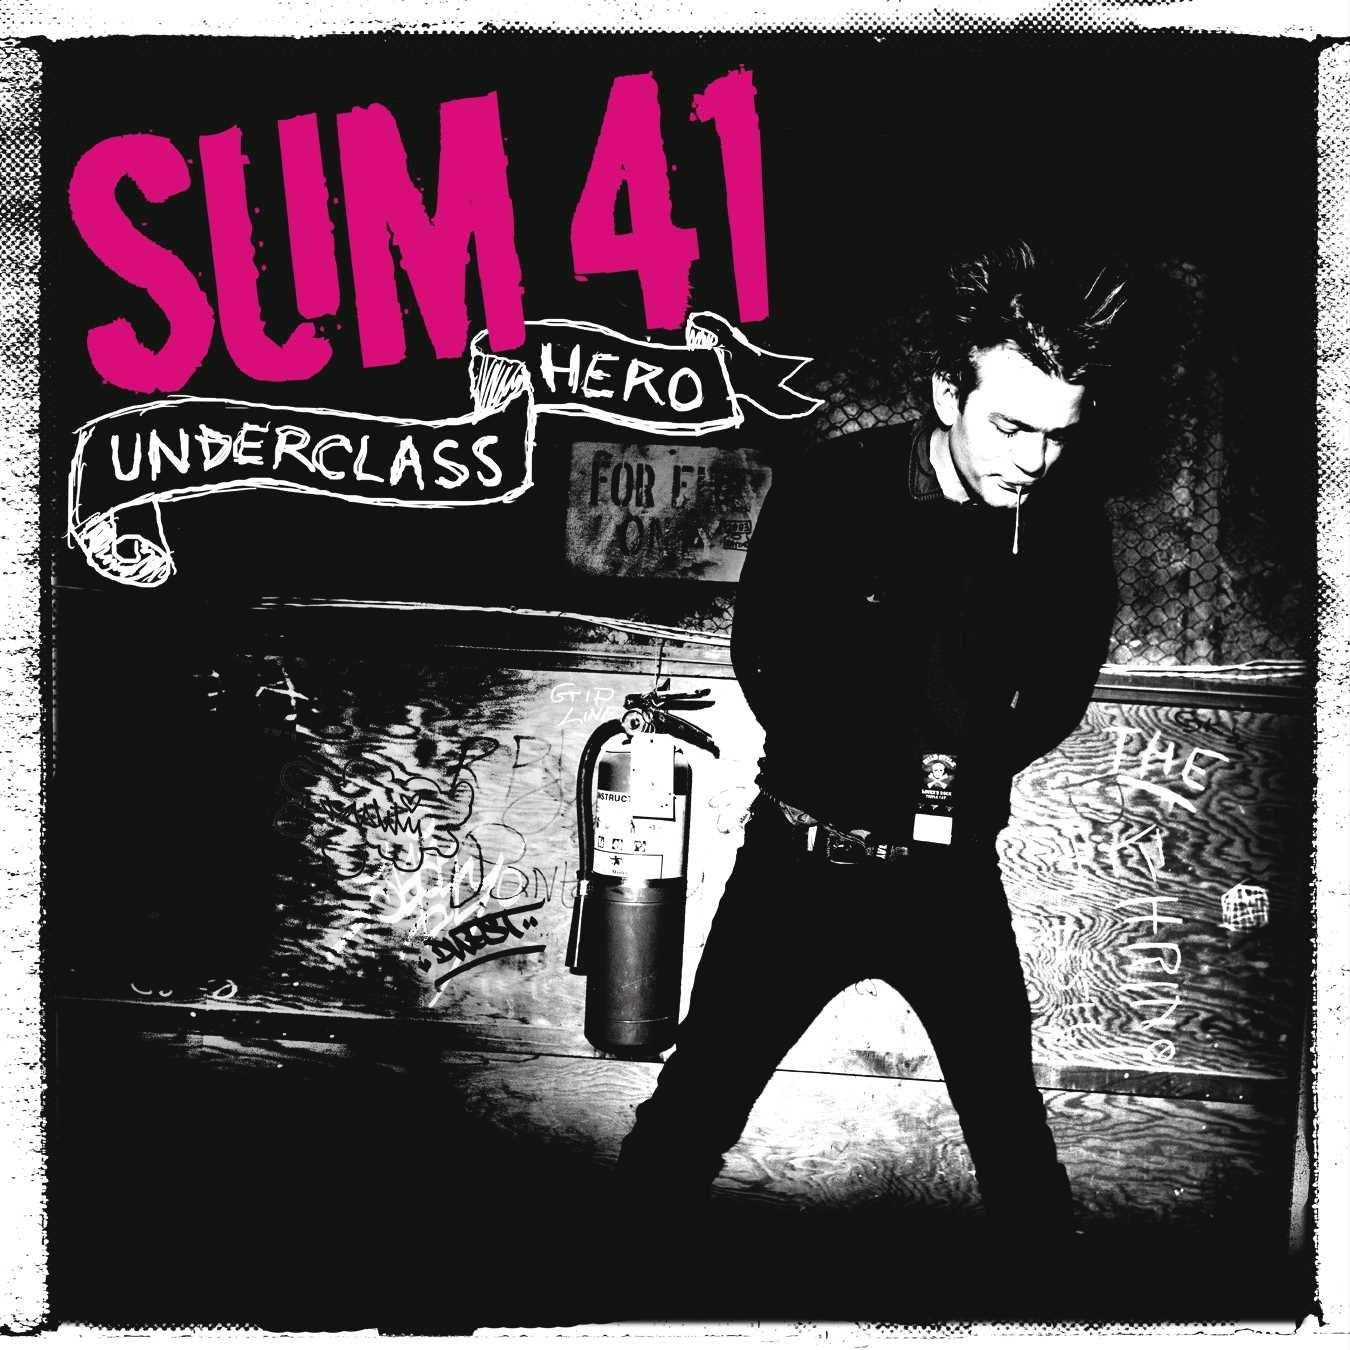 sum 41 underclass hero free download